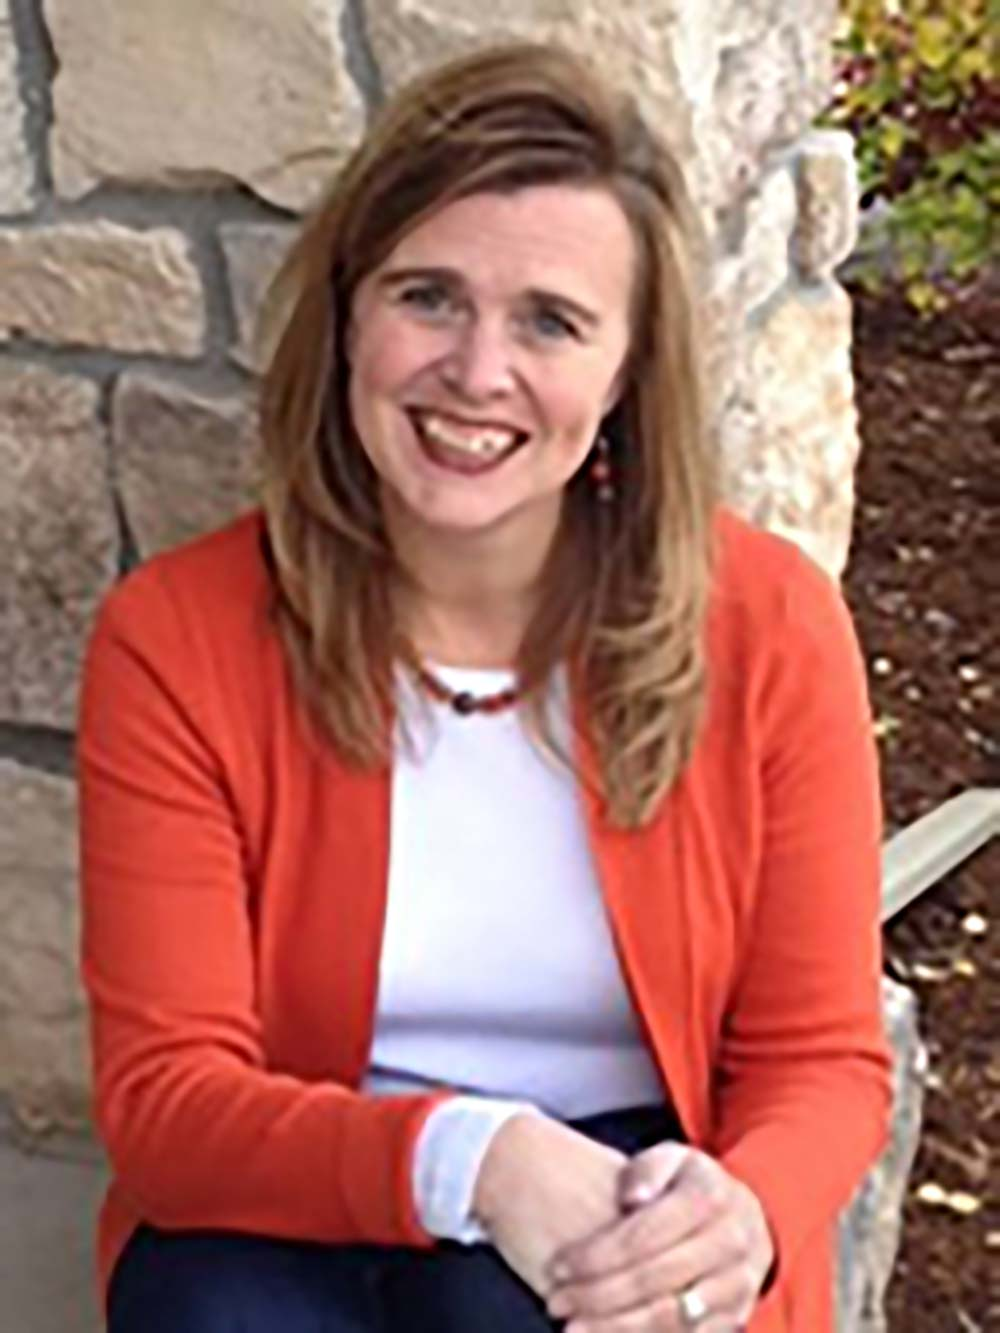 Missy Novak